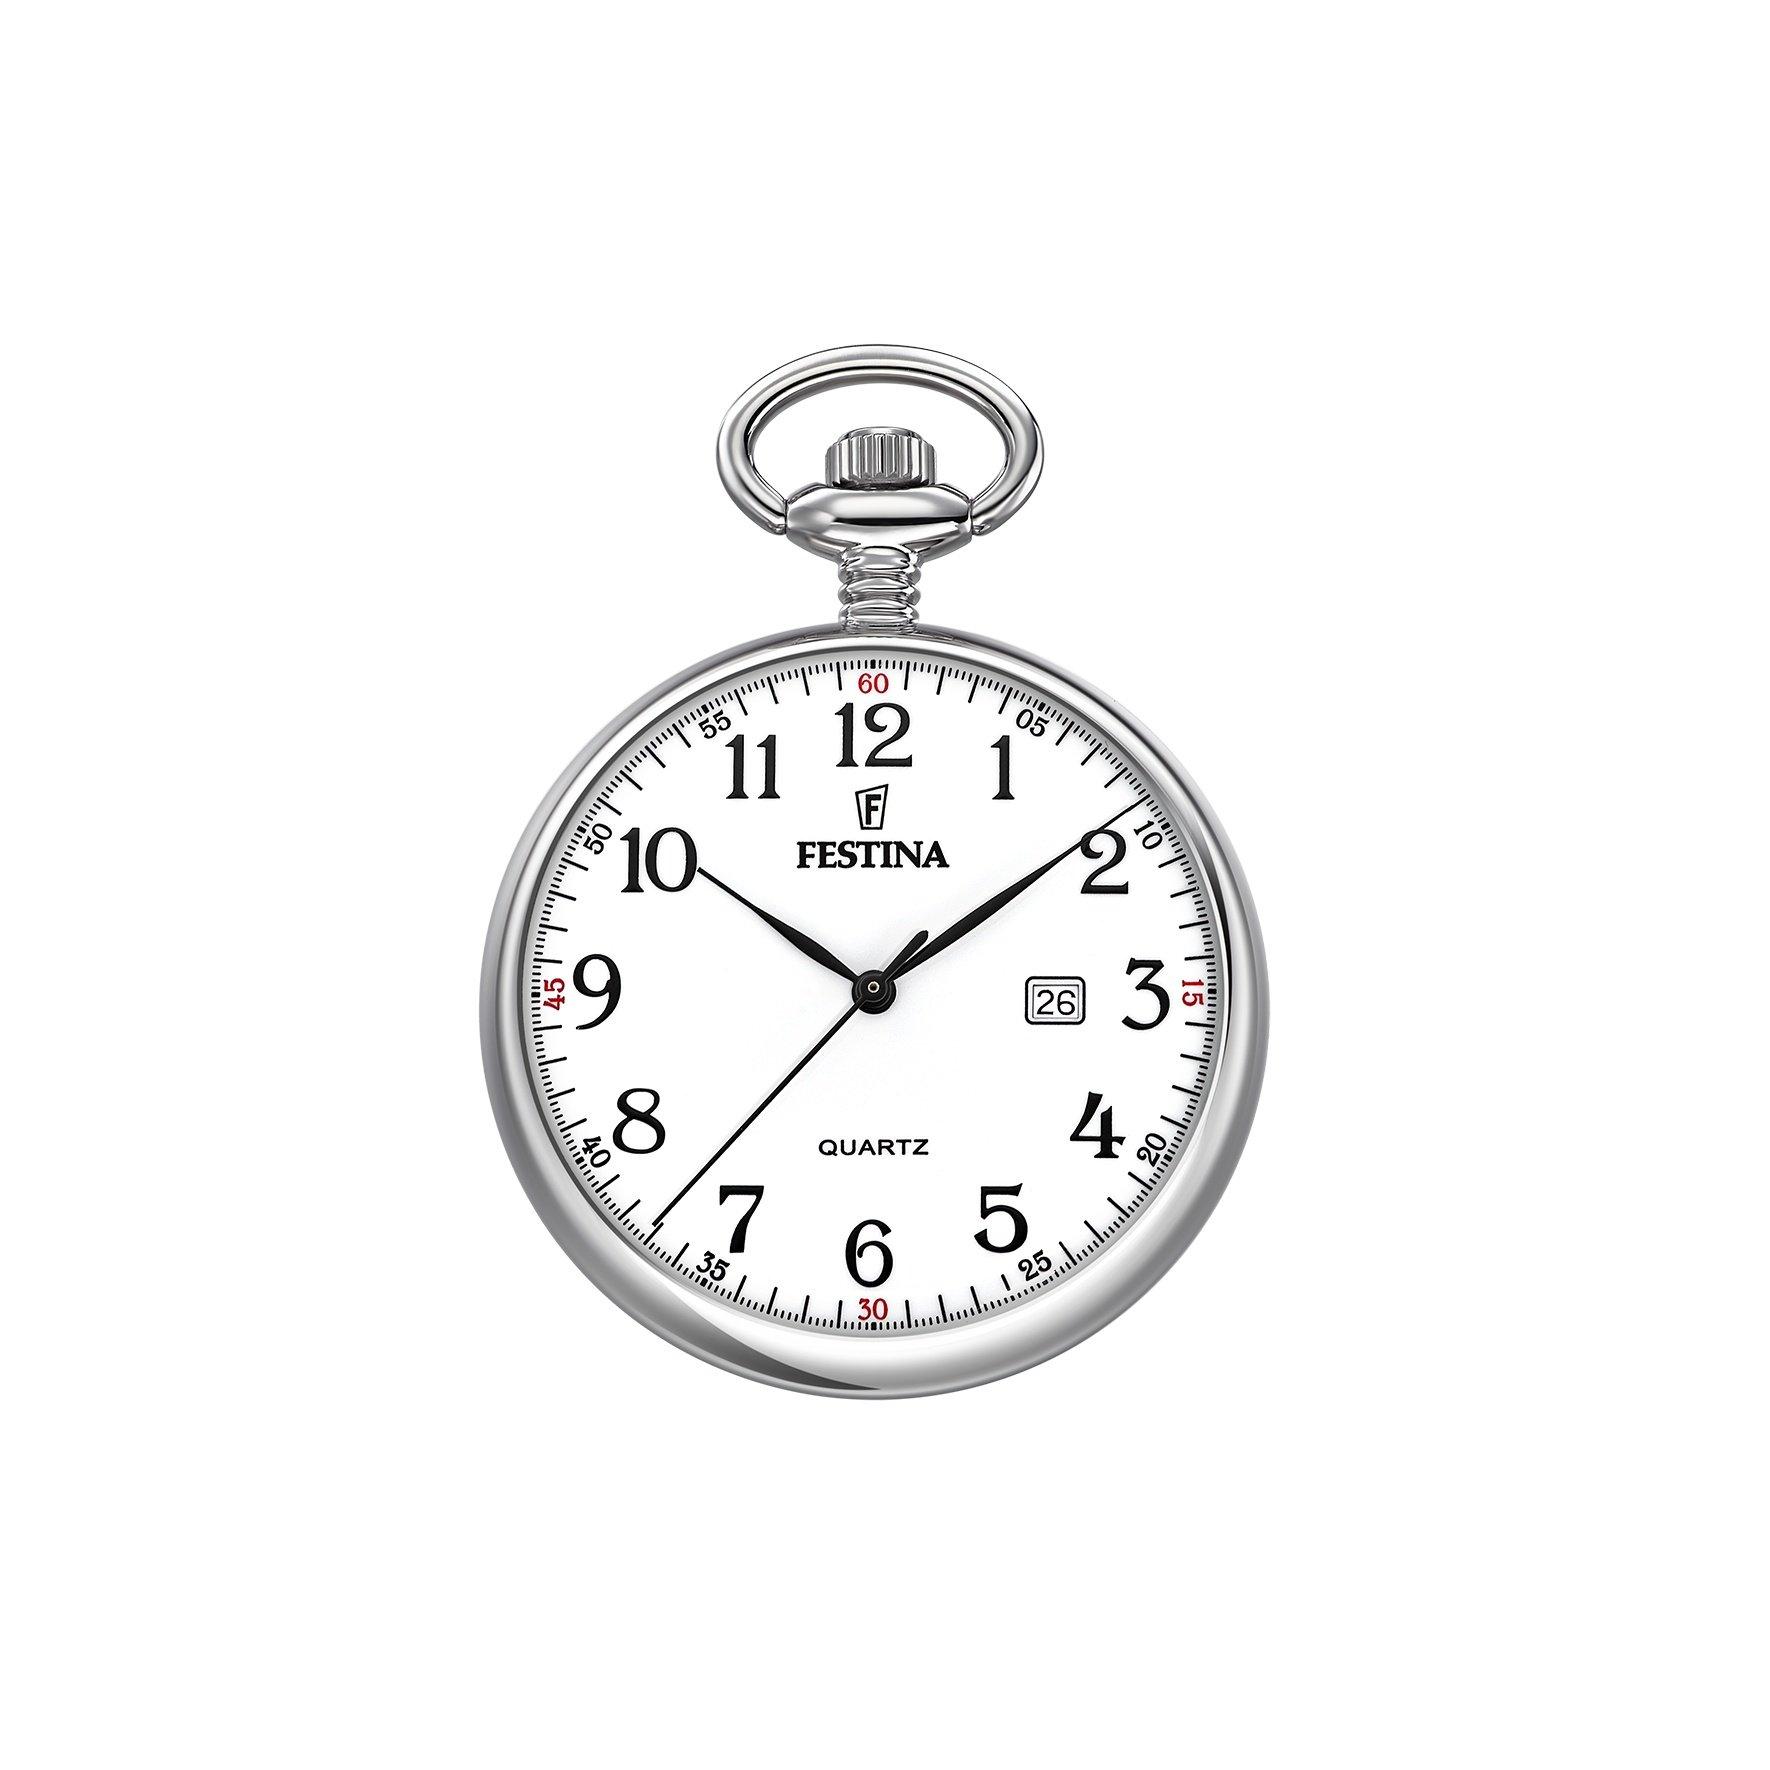 Kapesní hodinky Festina